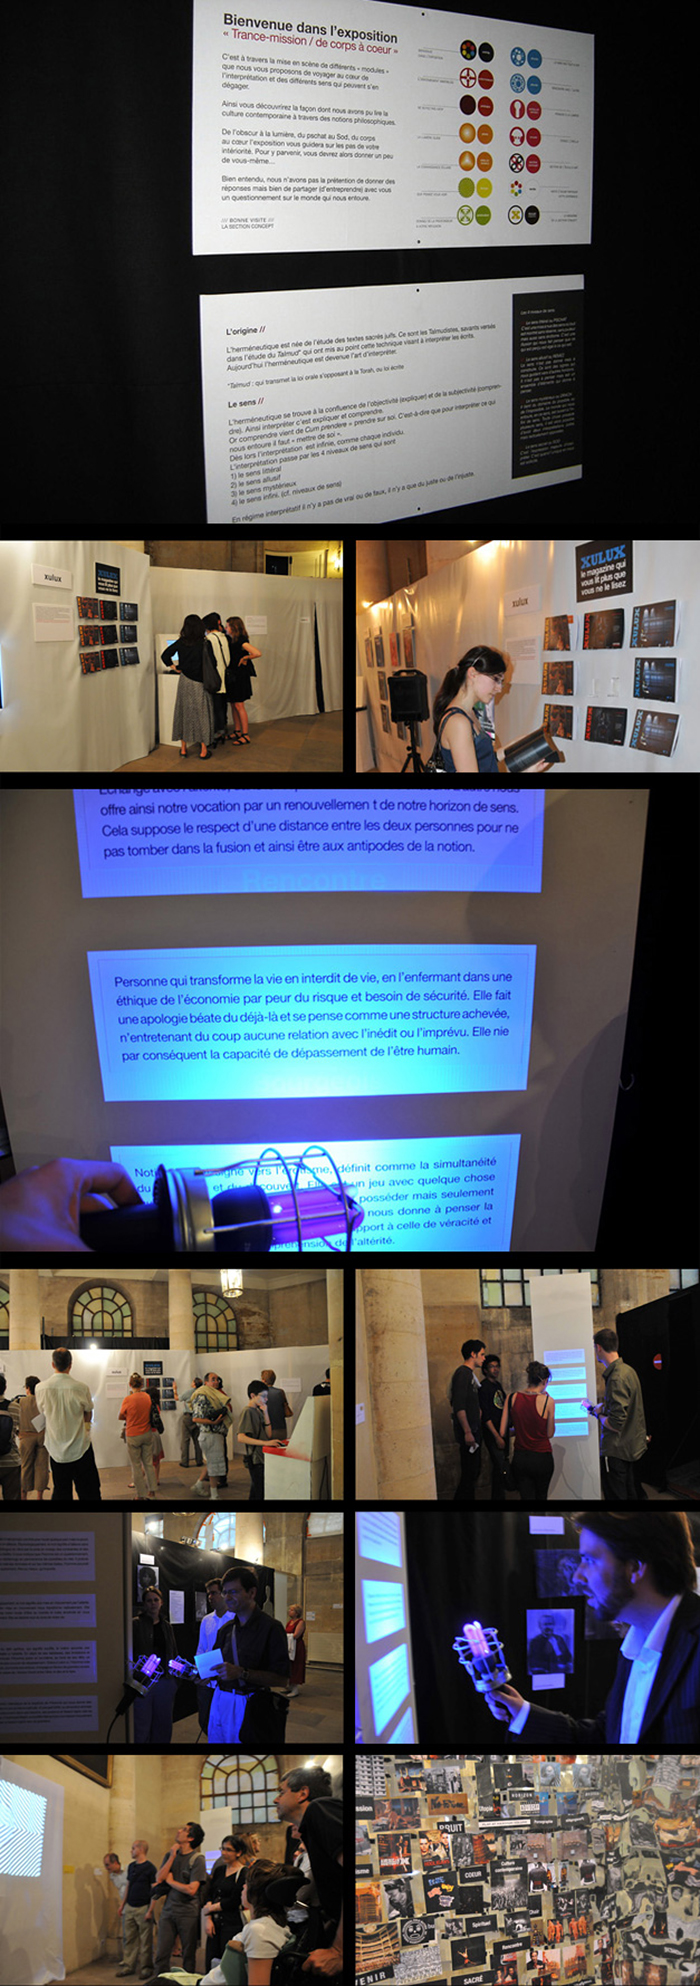 Porfolio da-conceicao.com : événementiels : Saint-Eustache : La nuit des nouveaux arts sacrés. expositions